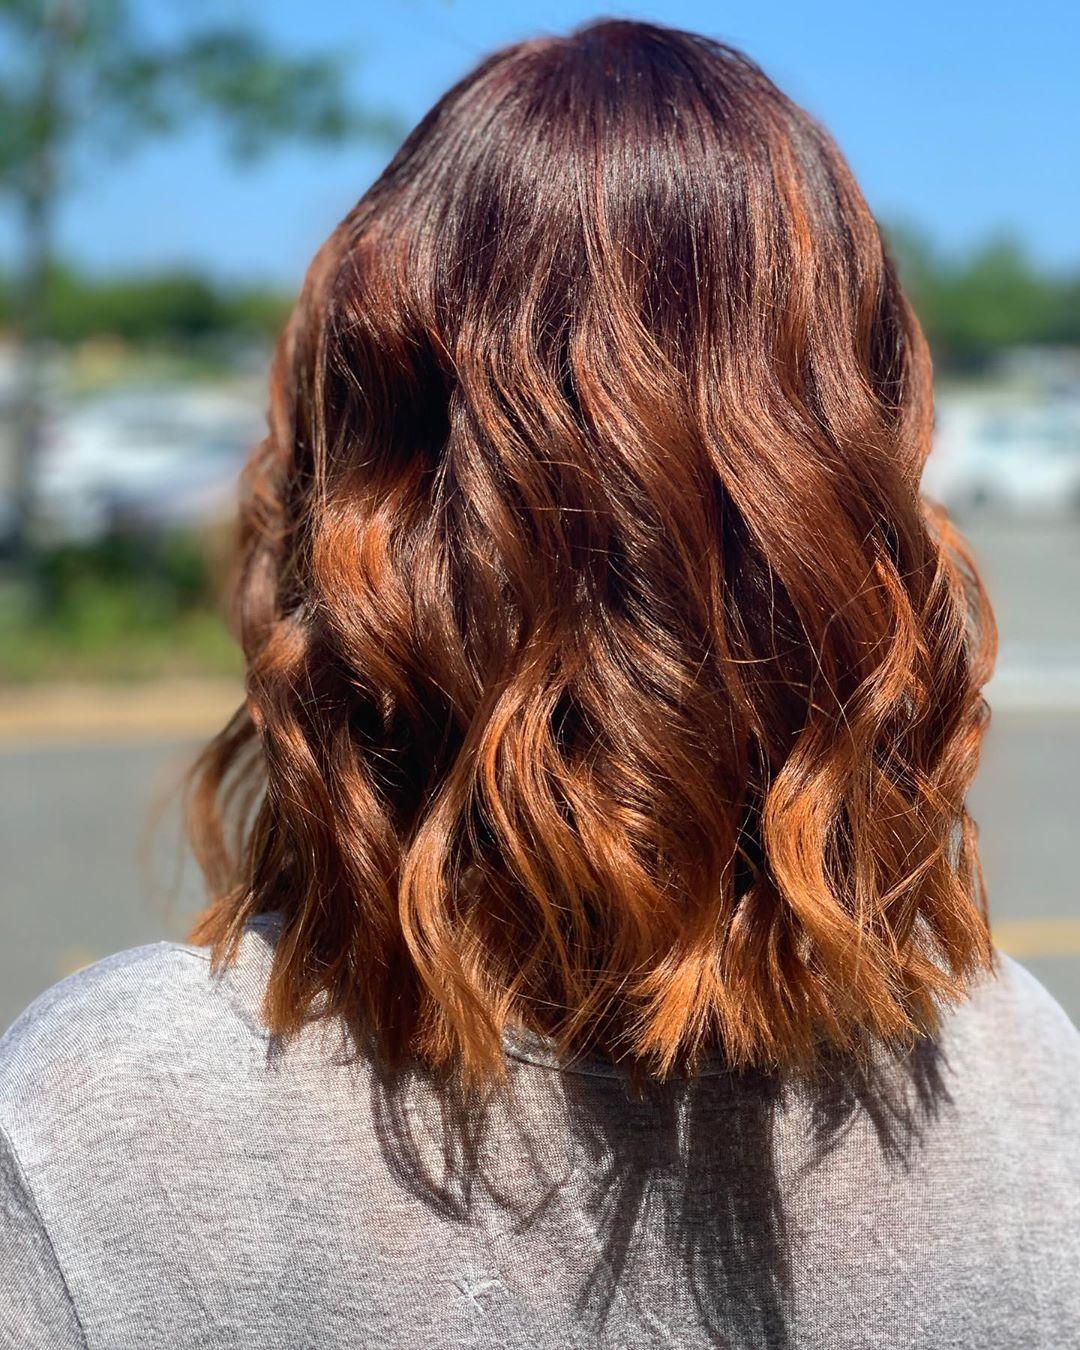 Tóc cúp dài mà kết hợp cùng màu tóc Spicy Ginger thì còn gì bằng nữa chứ?